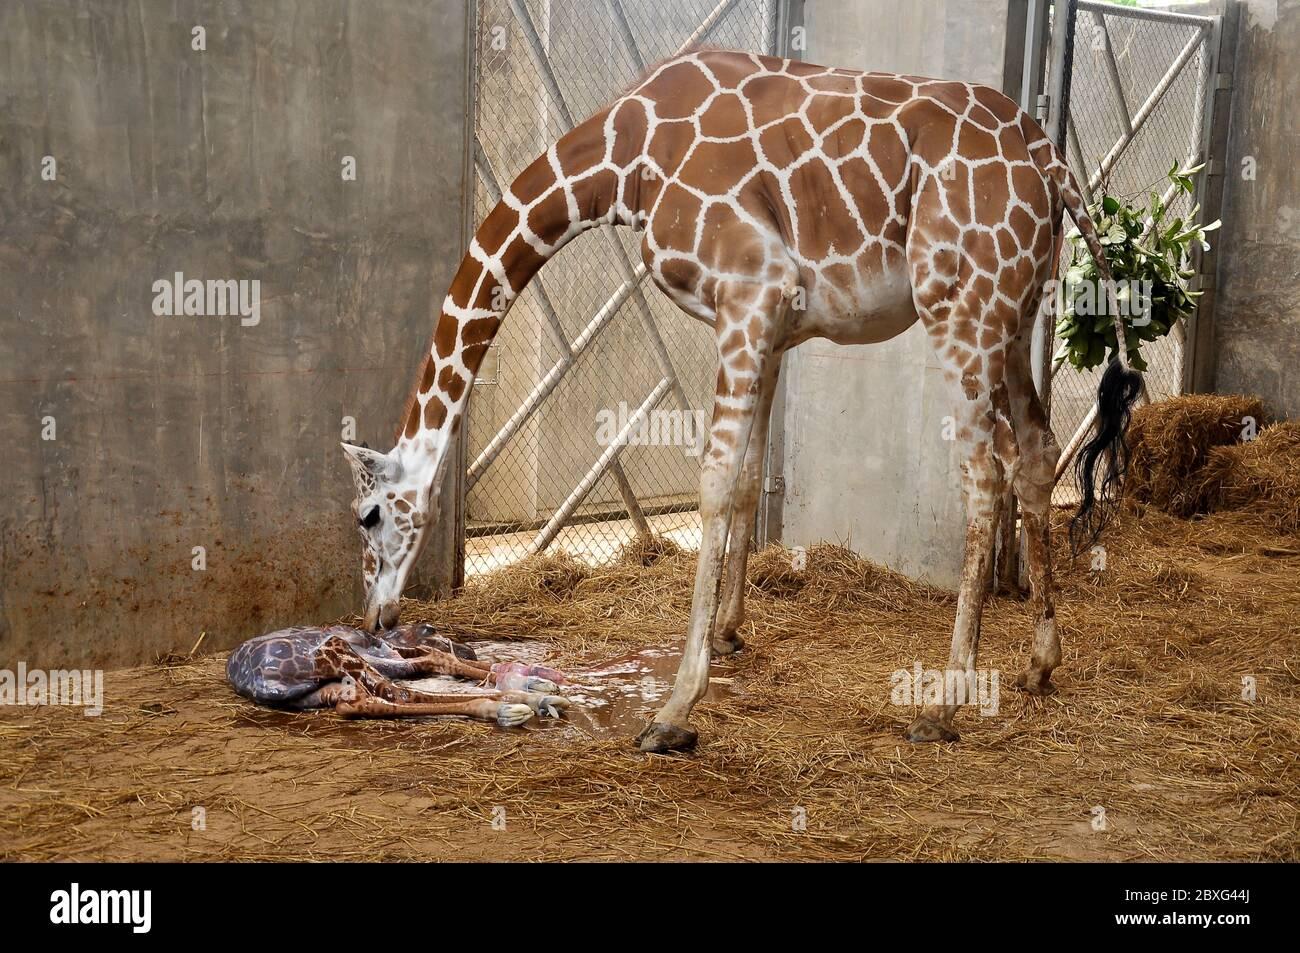 Les girafes maternelles appellent leur jeune enfant après la naissance. Banque D'Images